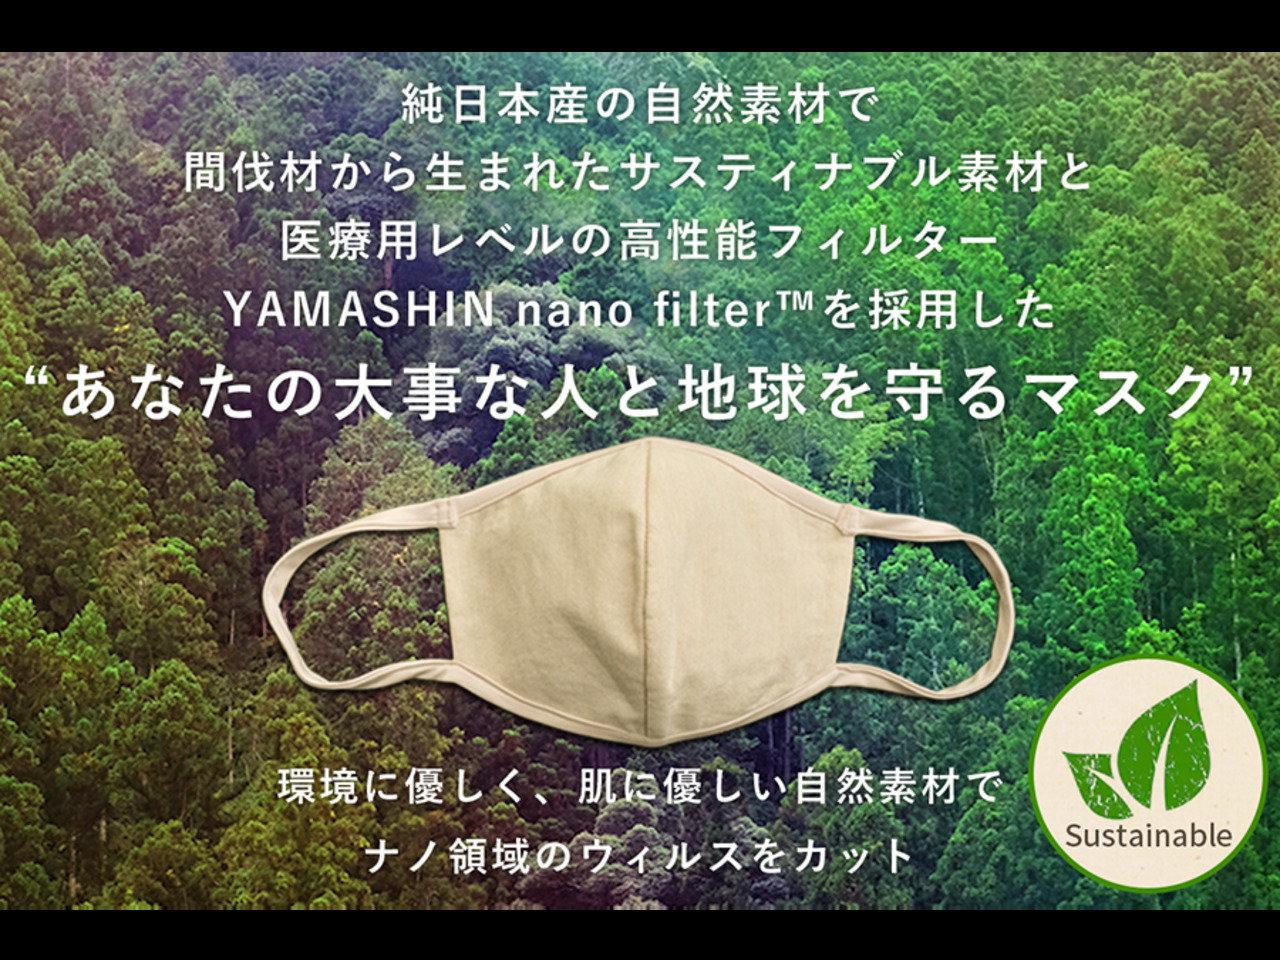 微粒子を99%カット。天然素材できたサスティナブルマスク。1枚1980円で東急ハンズで販売開始。